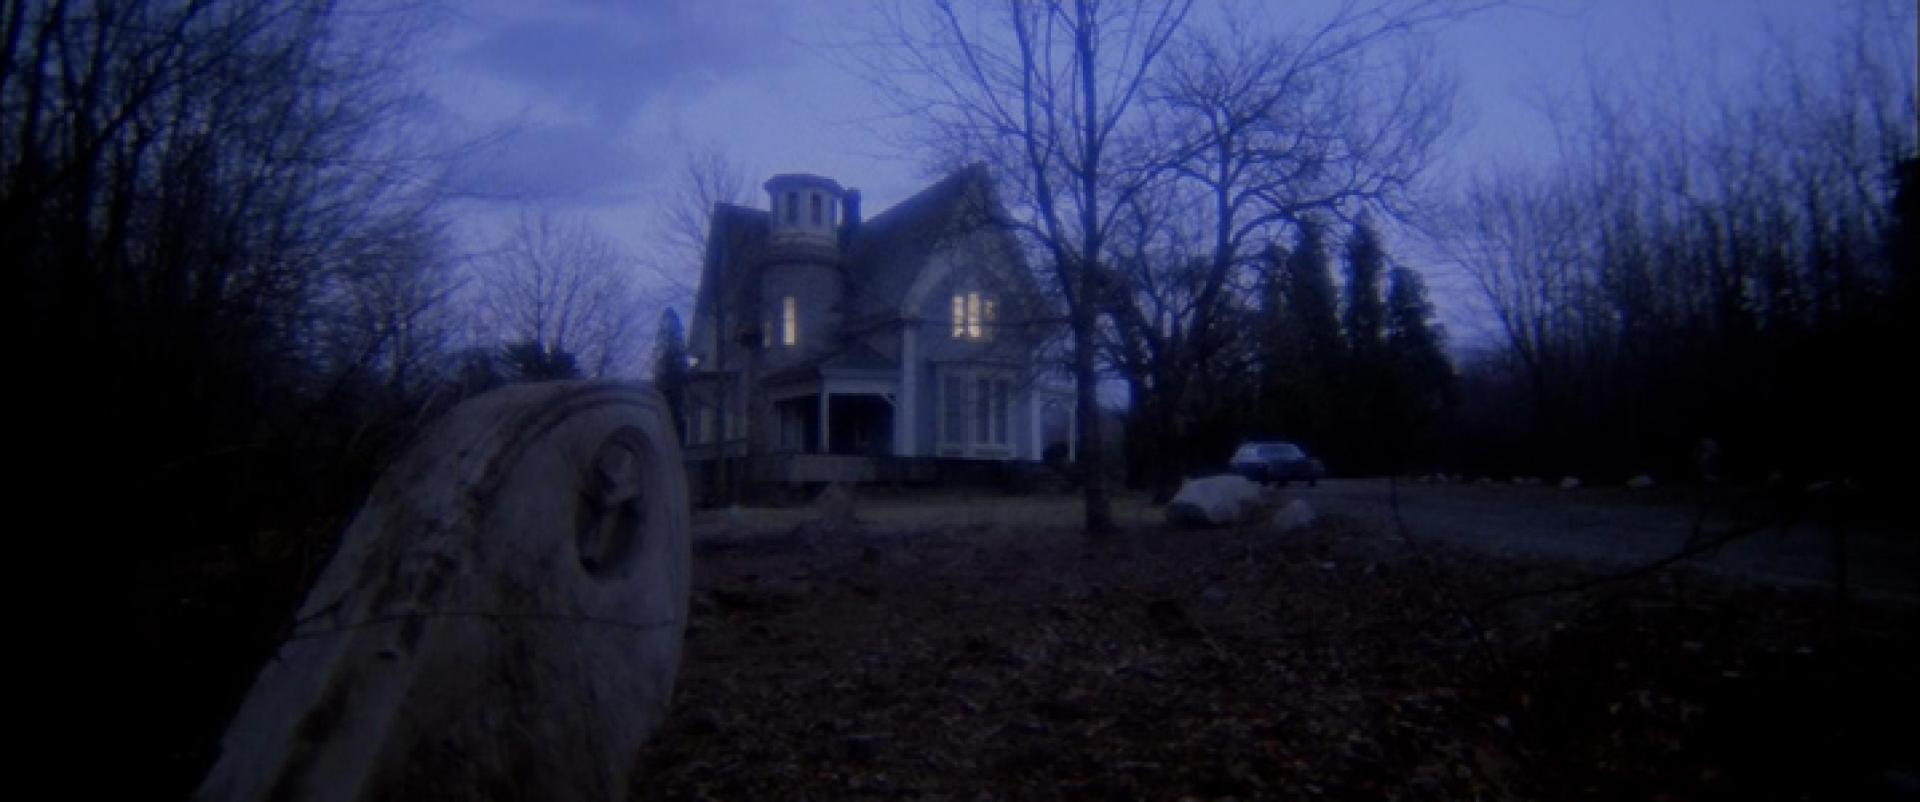 Halál-trilógia, 3. rész: A temetőre épült ház (1981)